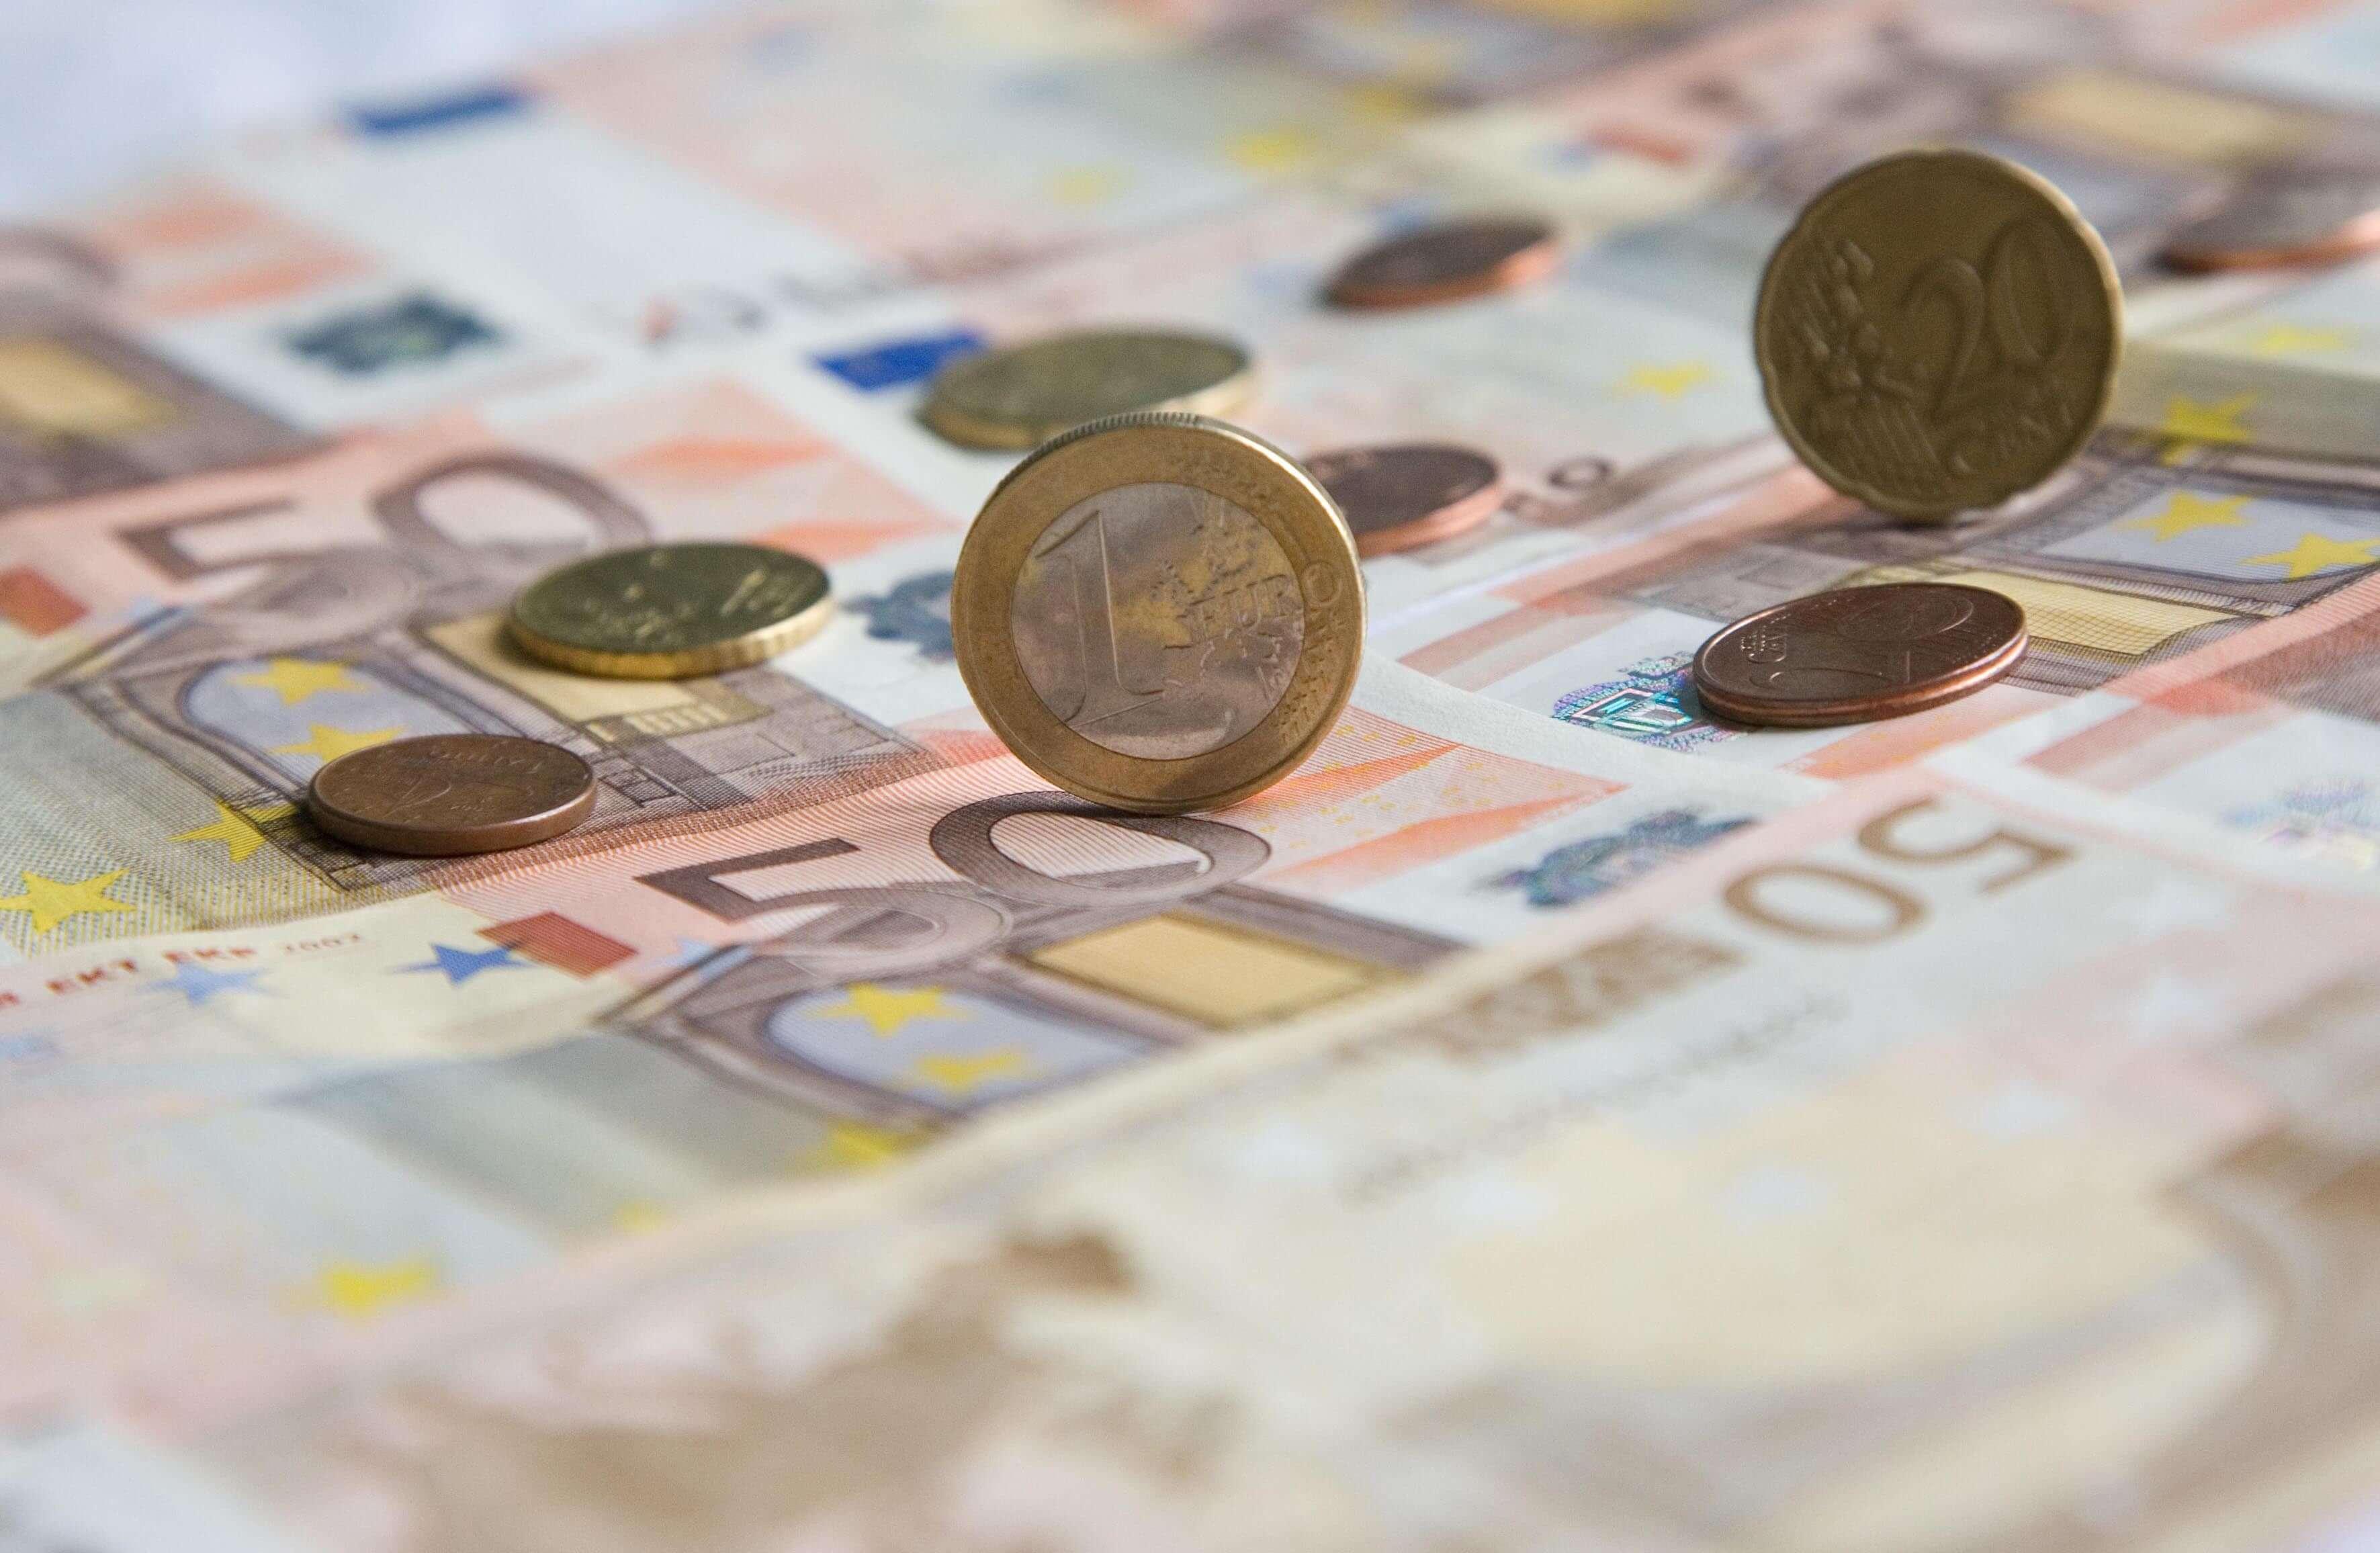 Πληρώθηκαν 4 δισ. φόροι που δεν… χρειάζονταν το 2018 – Πρωτογενές πλεόνασμα έκπληξη στο 4,4% - Έρχονται νέες παροχές